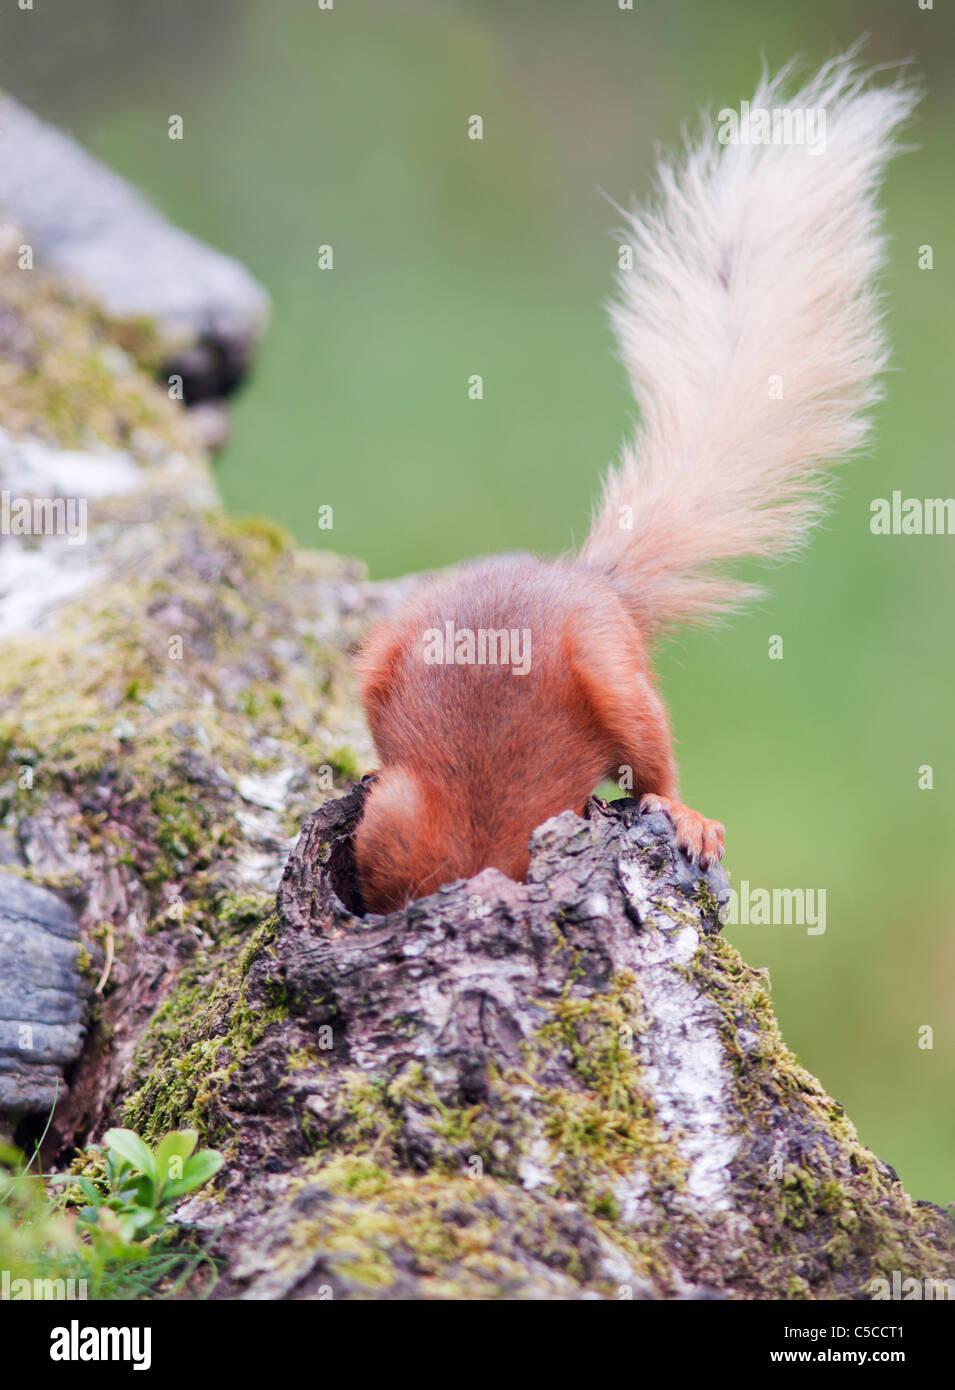 Impertinente ardilla roja Sciurus vulgaris con la cabeza hacia abajo el agujero en el registro caídos en busca Imagen De Stock